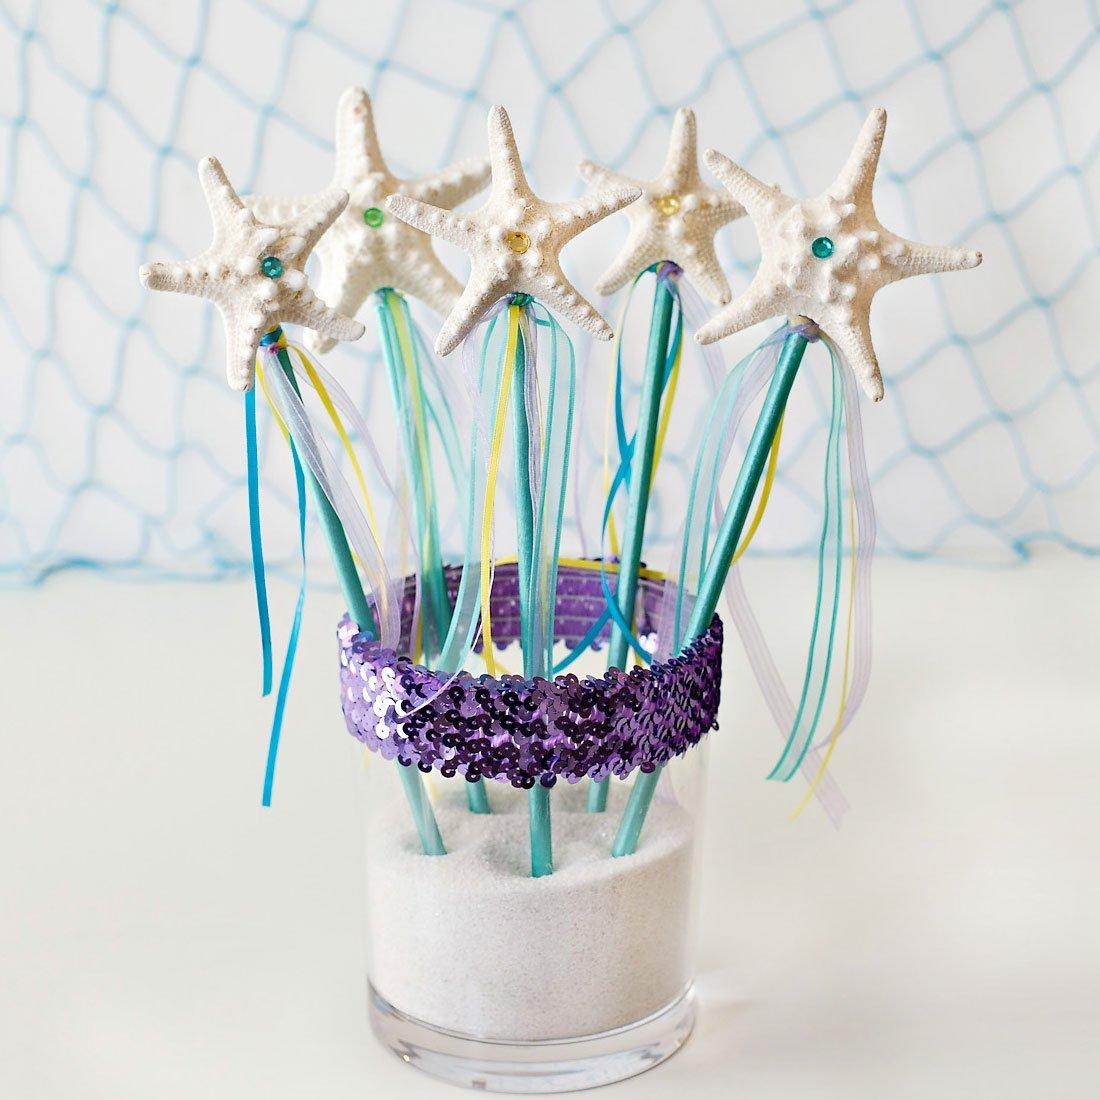 DIY Mermaid Princess Wands